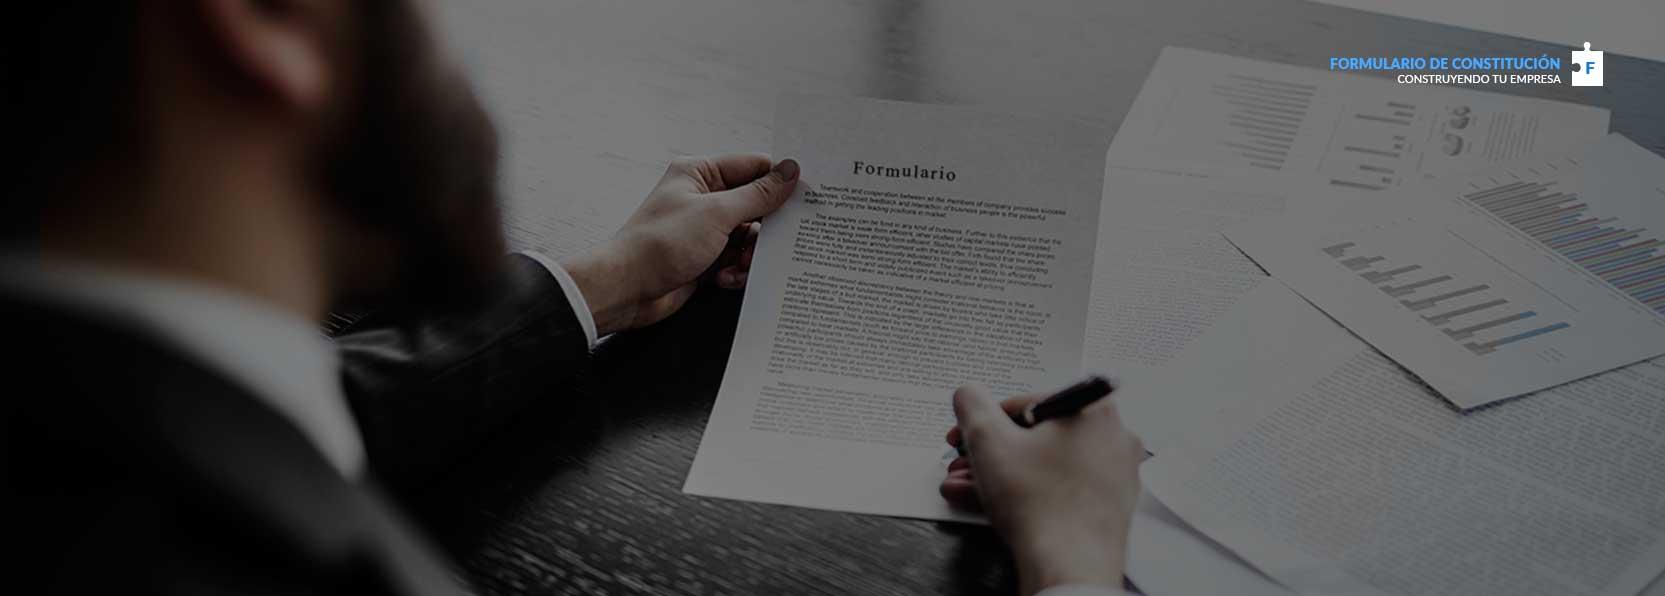 formulario de constitucion, construyendo tu empresa